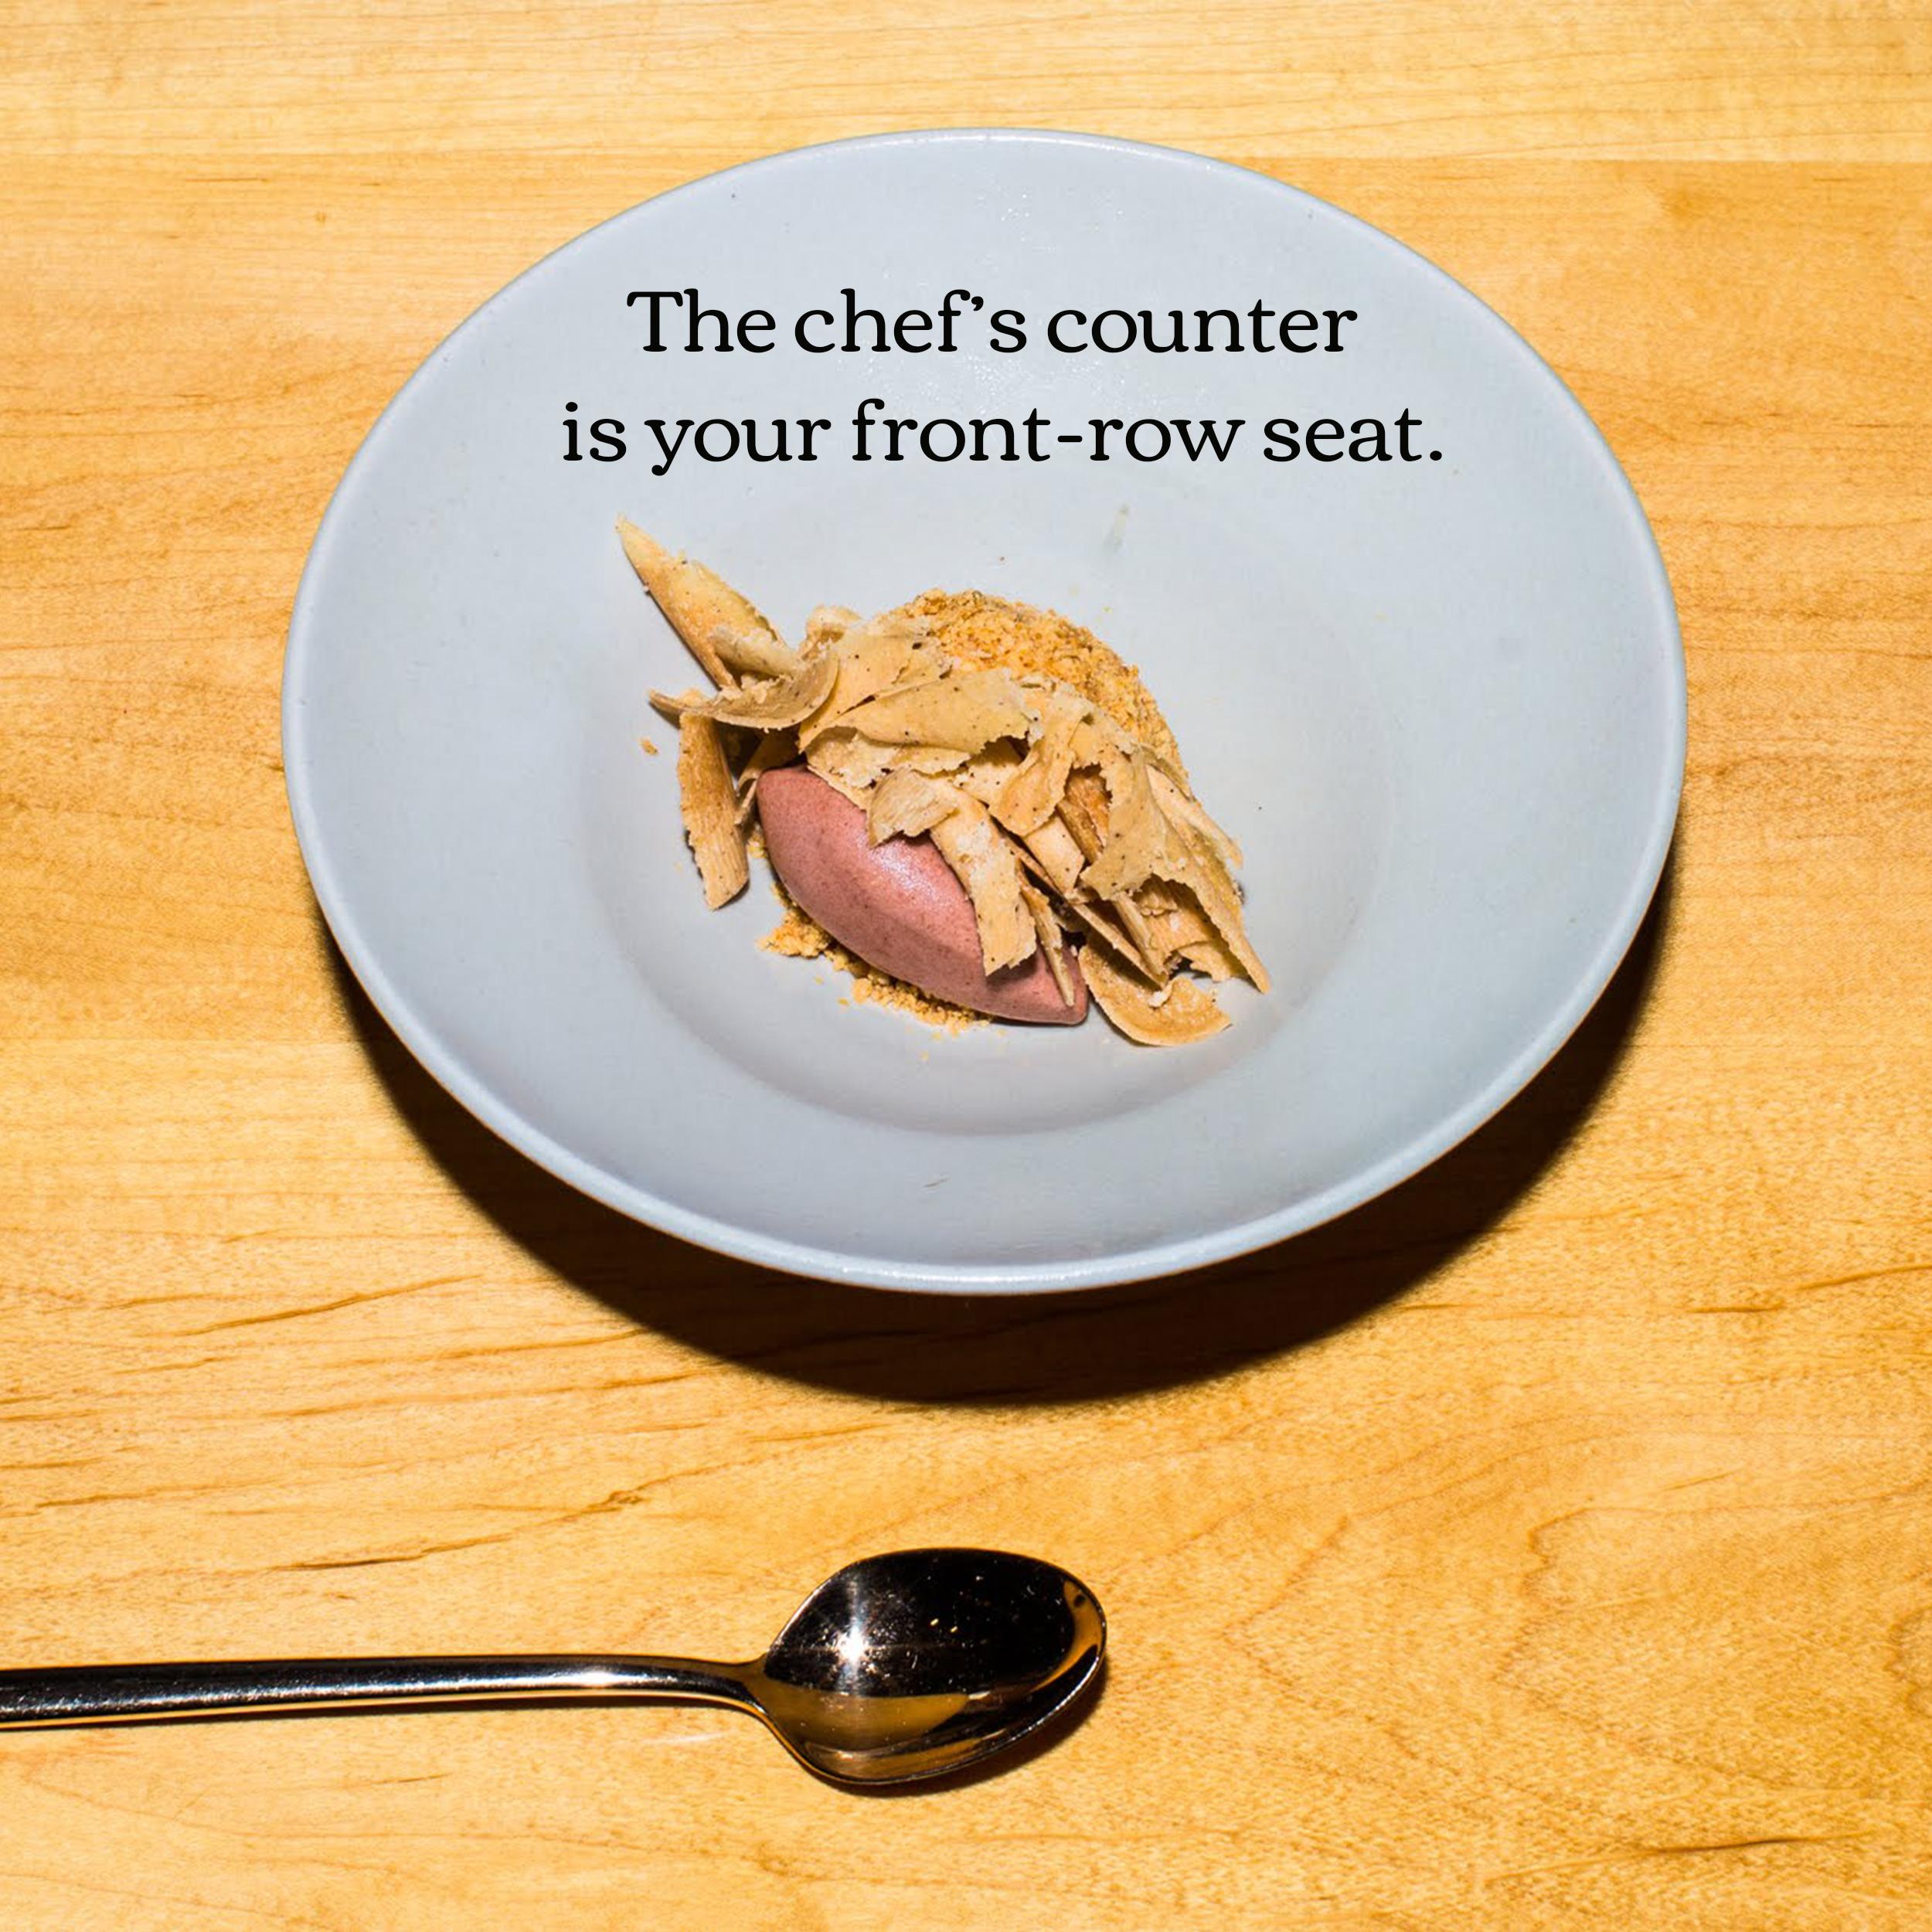 ChefCounter.jpg